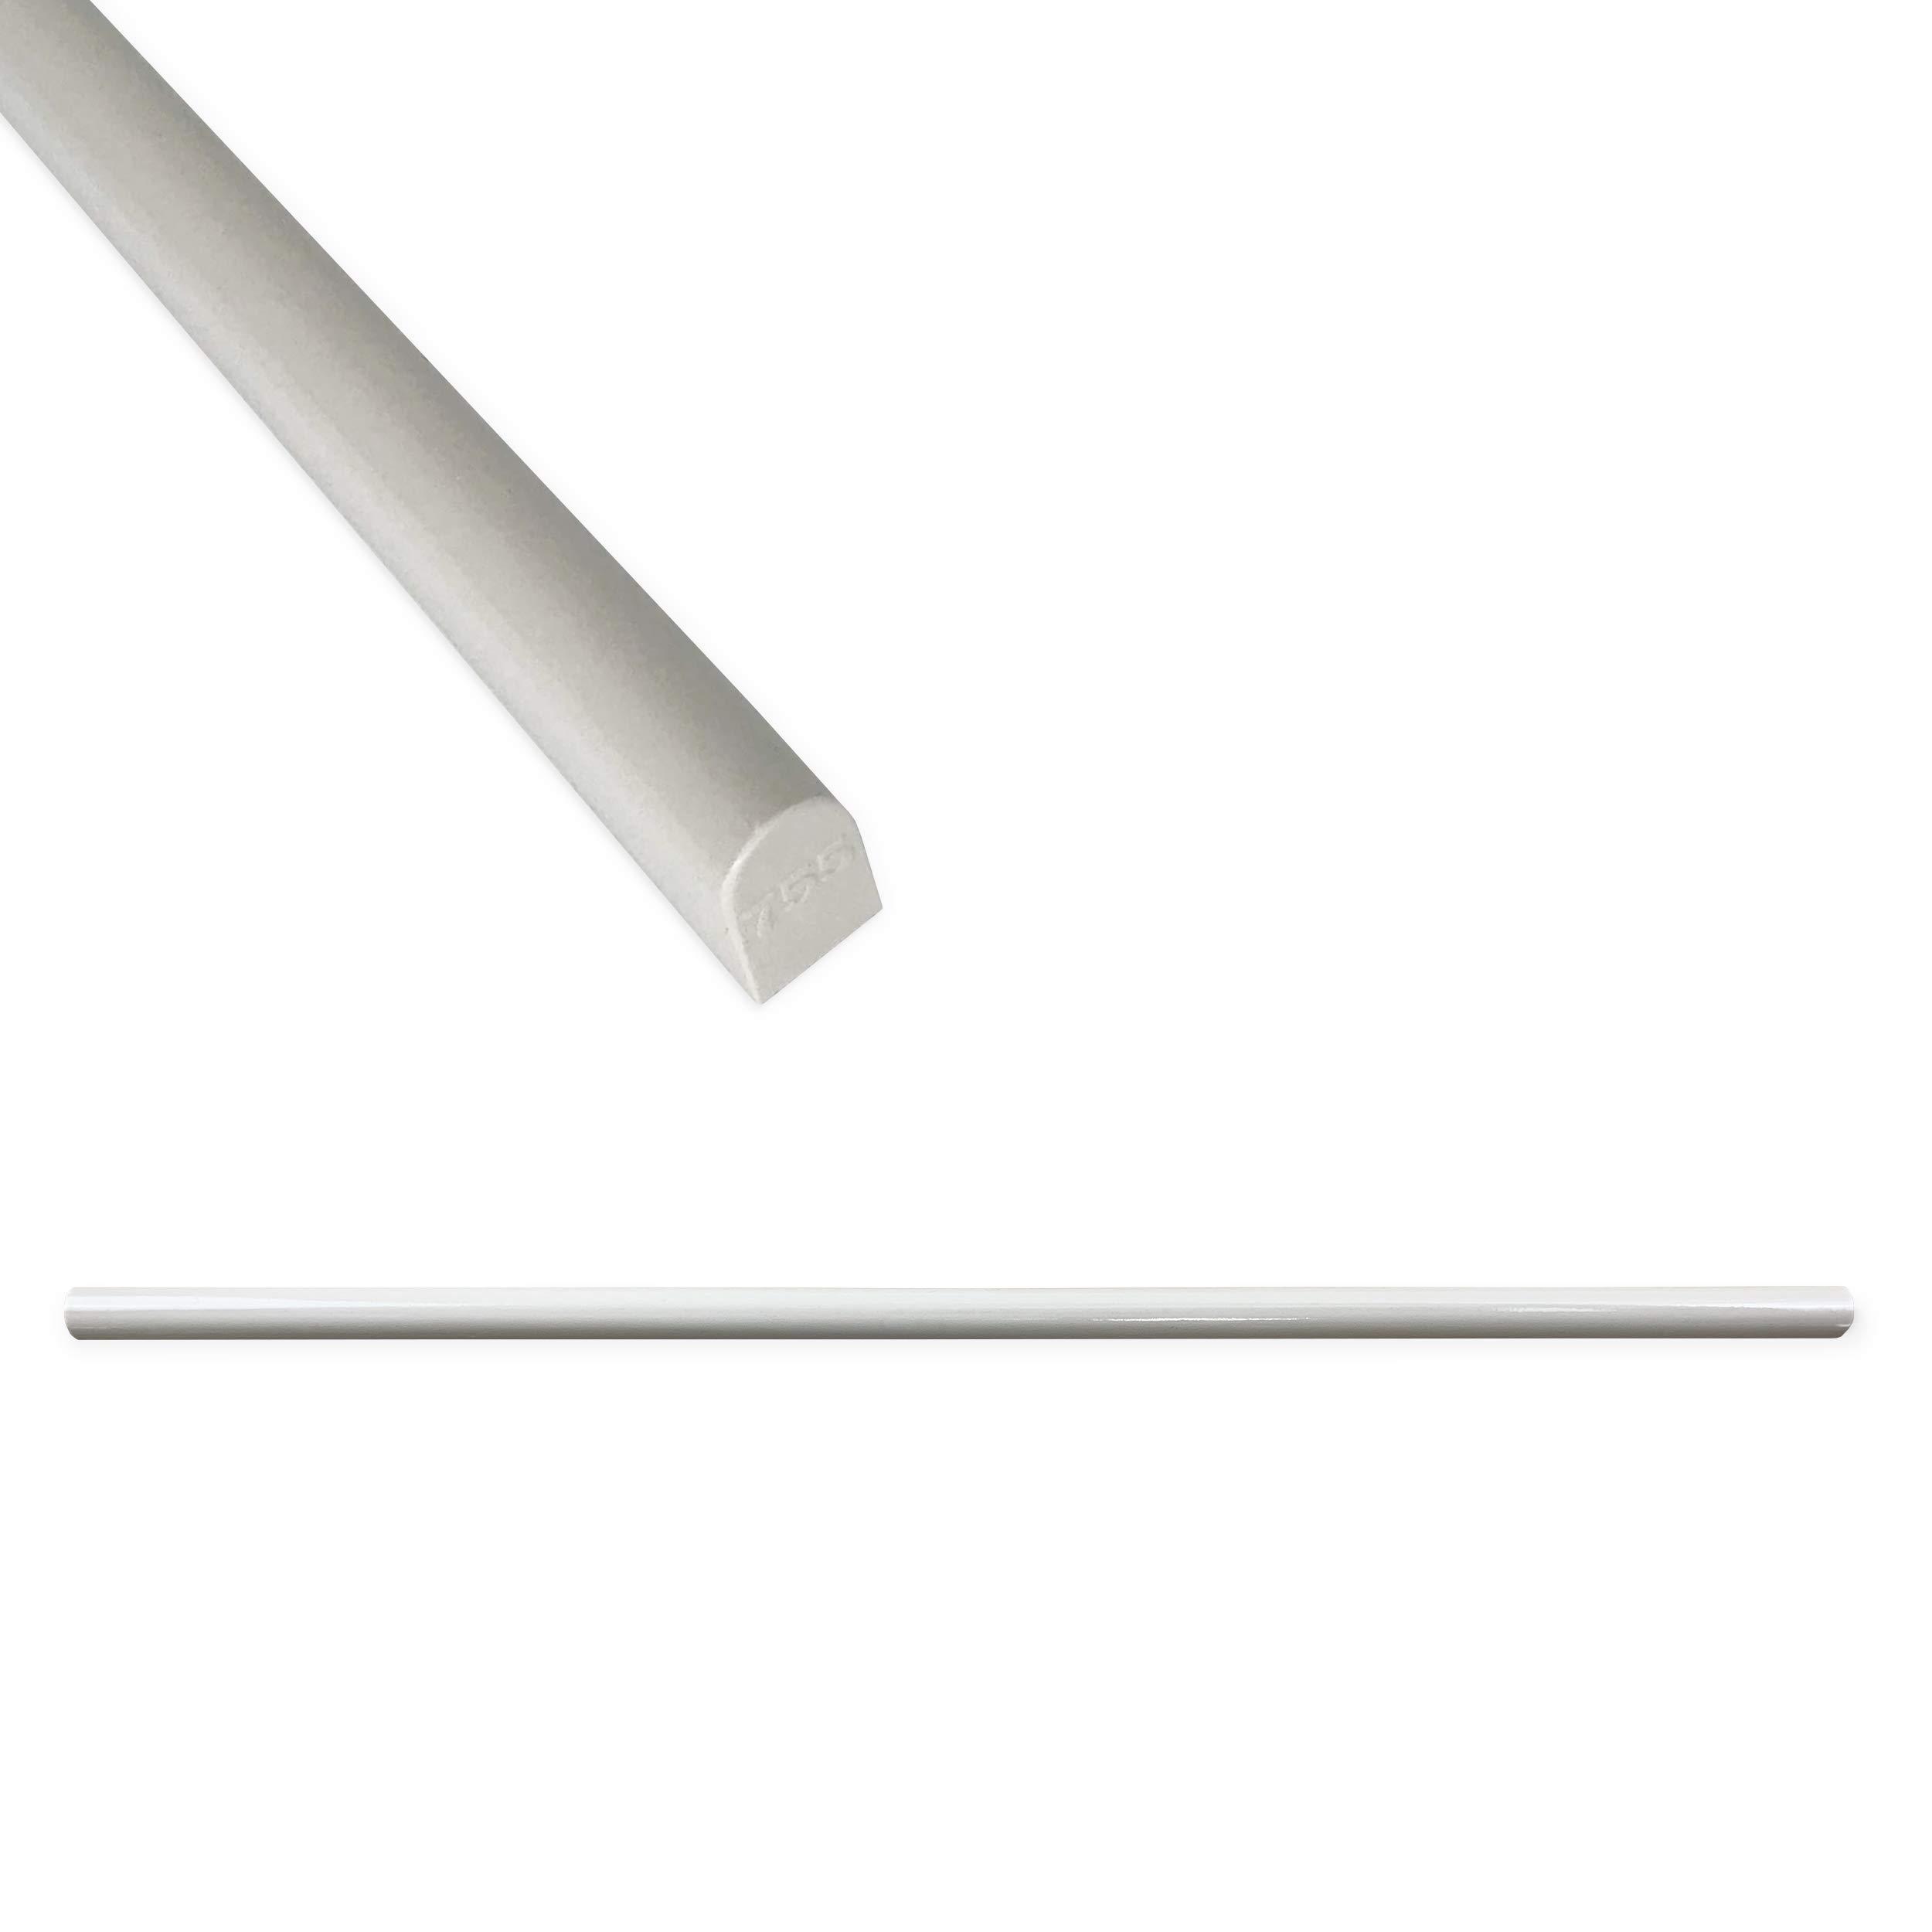 High Pencil Tile Trim 1/3 x 12 inch Shower Edge Ceramic Tile Transition Liner Backsplash Wall Molding - Polished Gray (12 Pack)